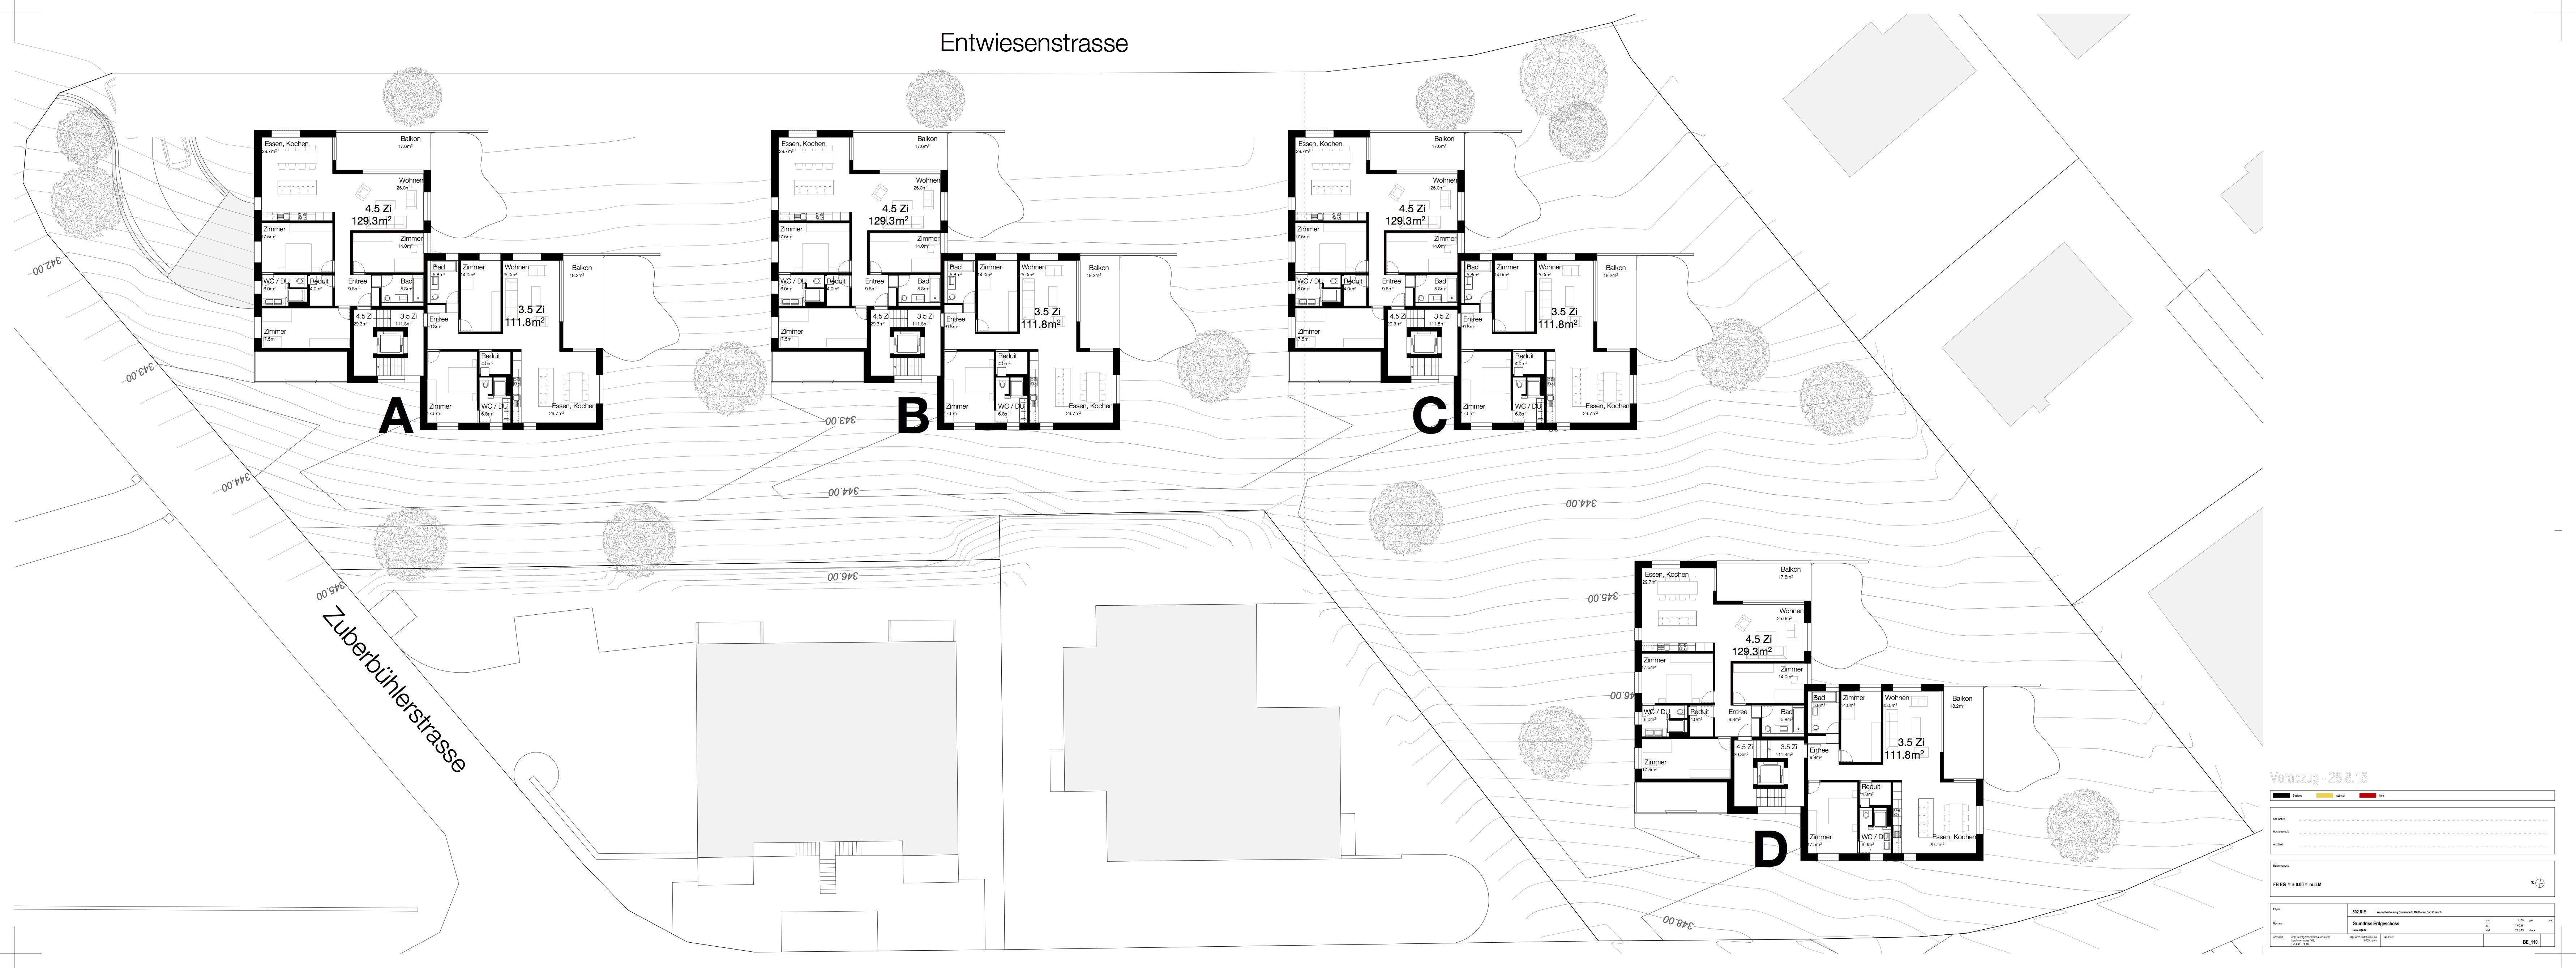 BE_110-Grundriss Erdgeschoss